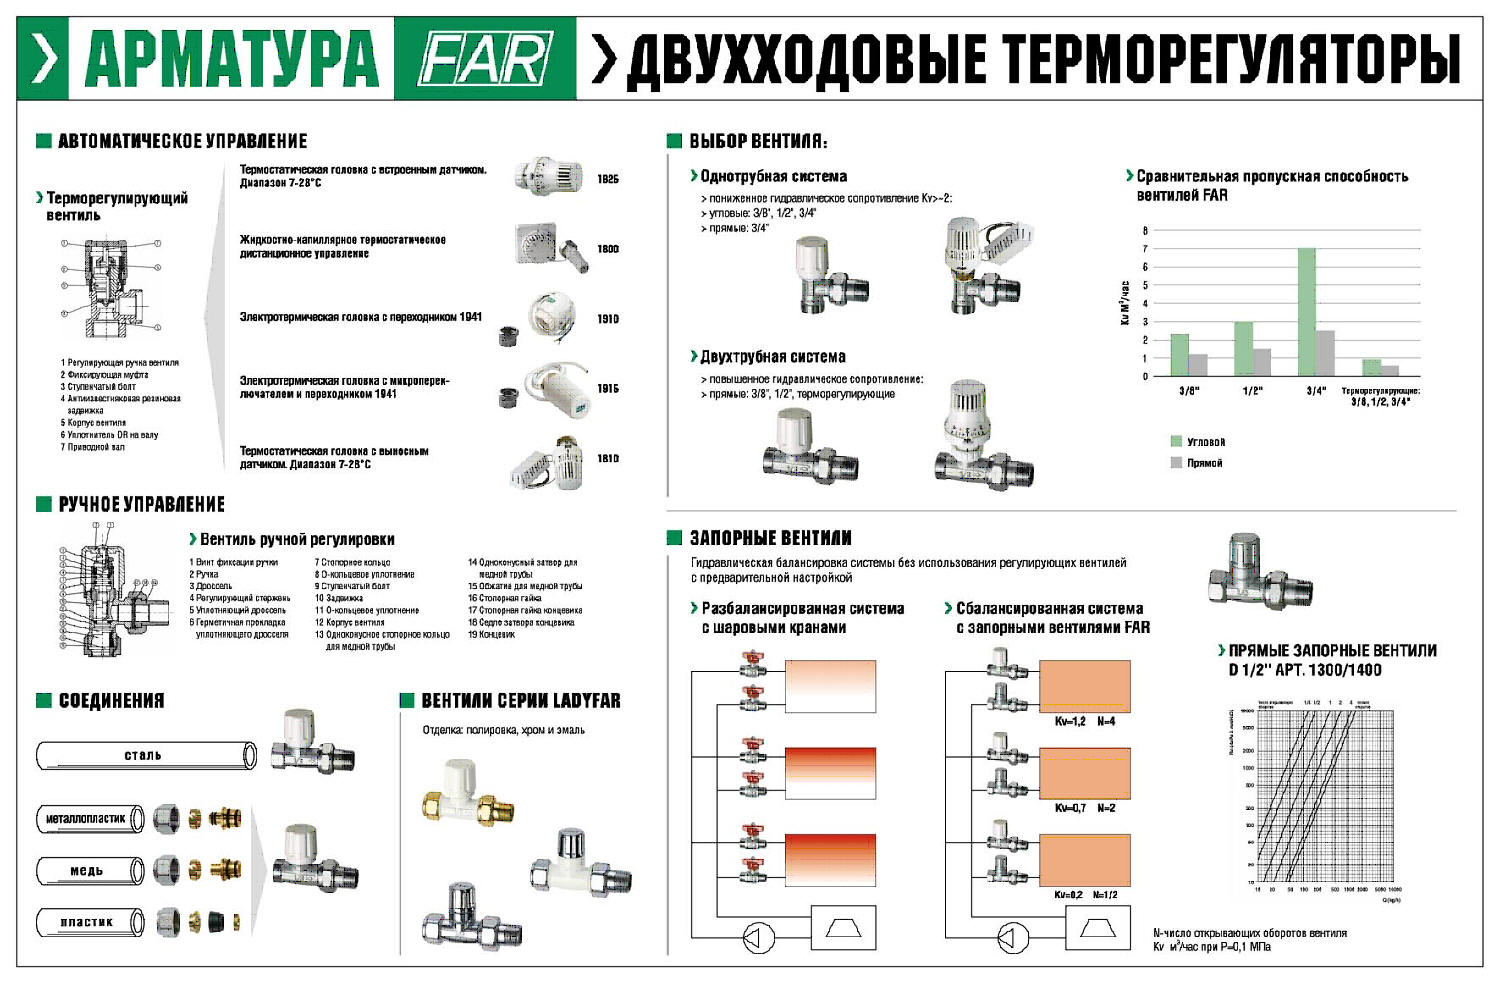 Схема установки терморегулятора в отоплении